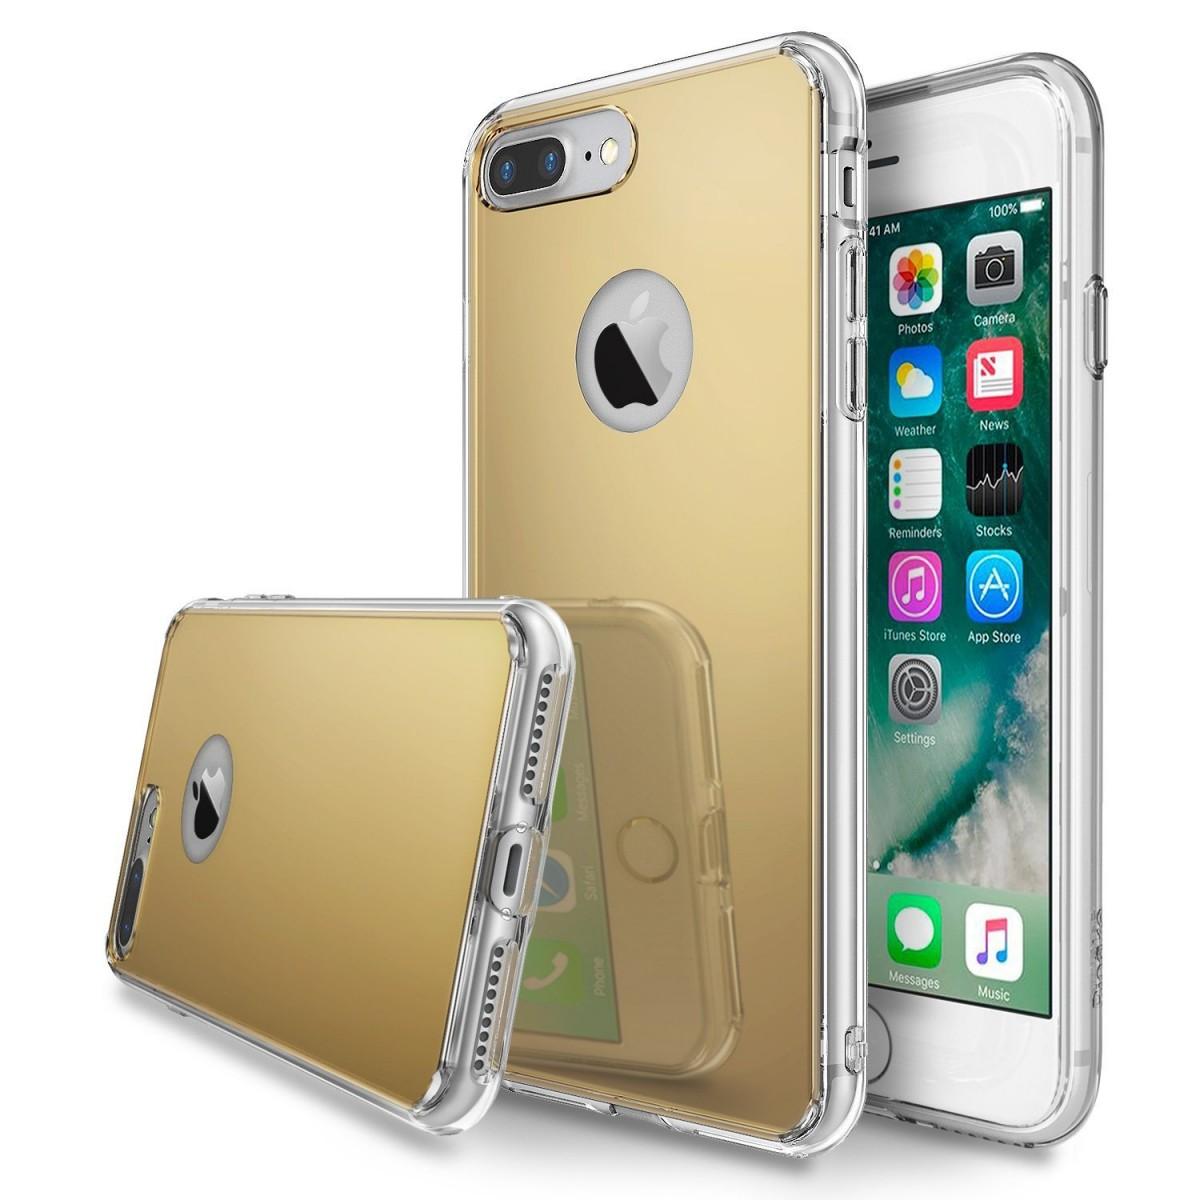 Zrcadlový kryt My Mirror pro iPhone 7 Plus - Zlatý (gold)